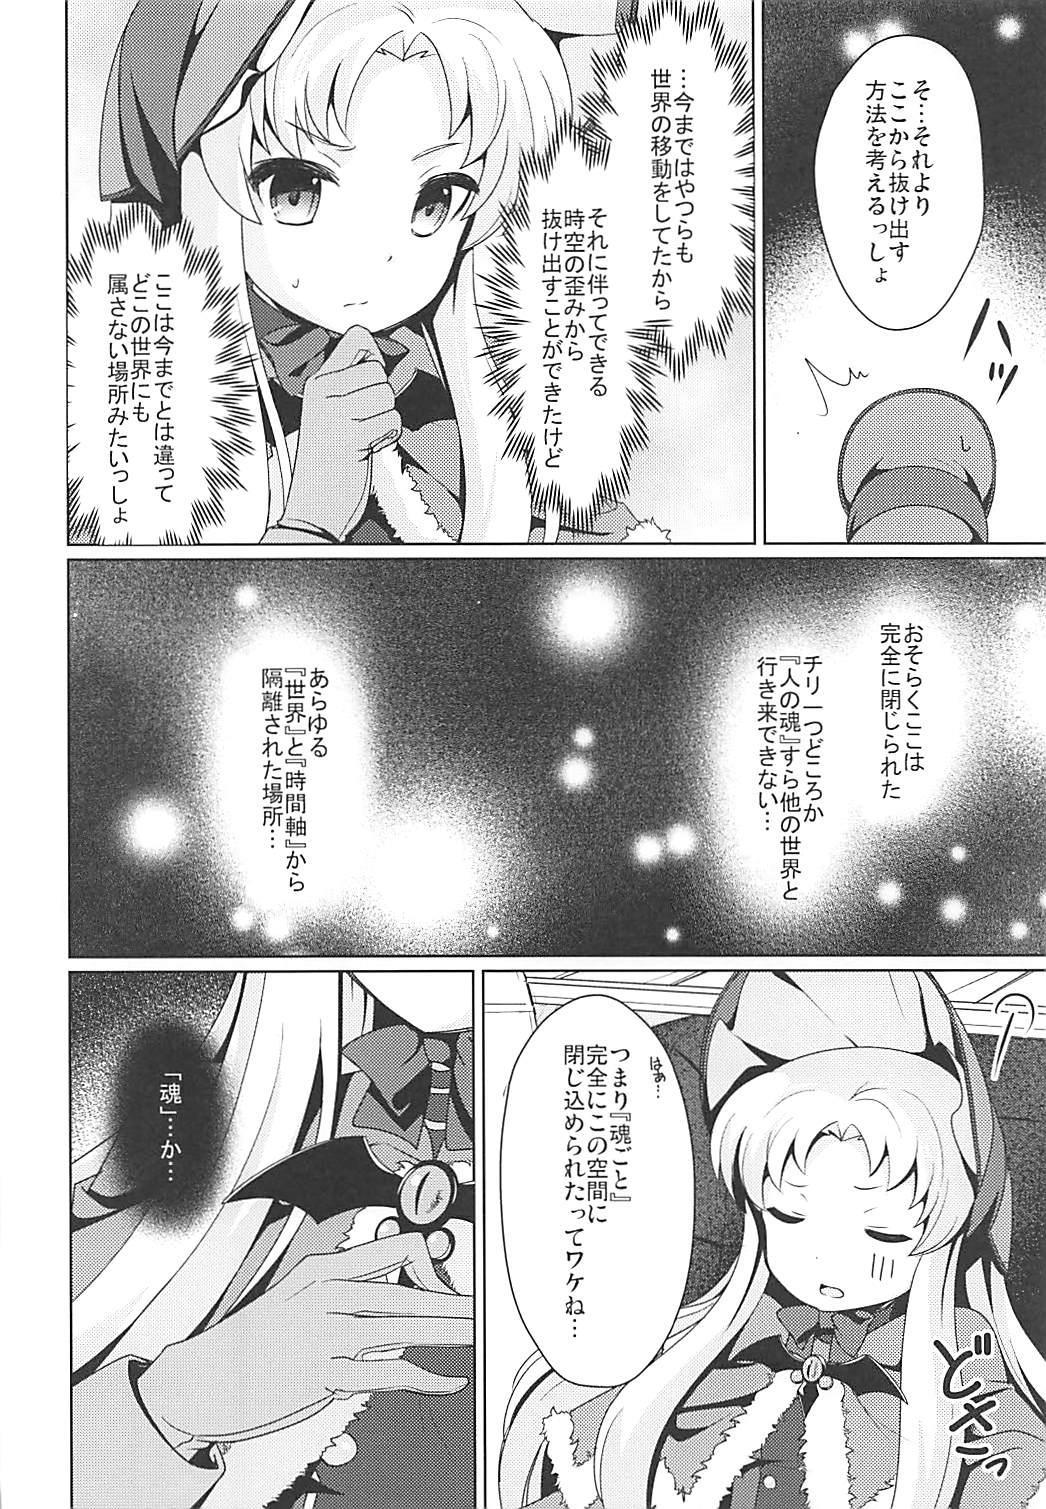 Kinki no Alchimia 4